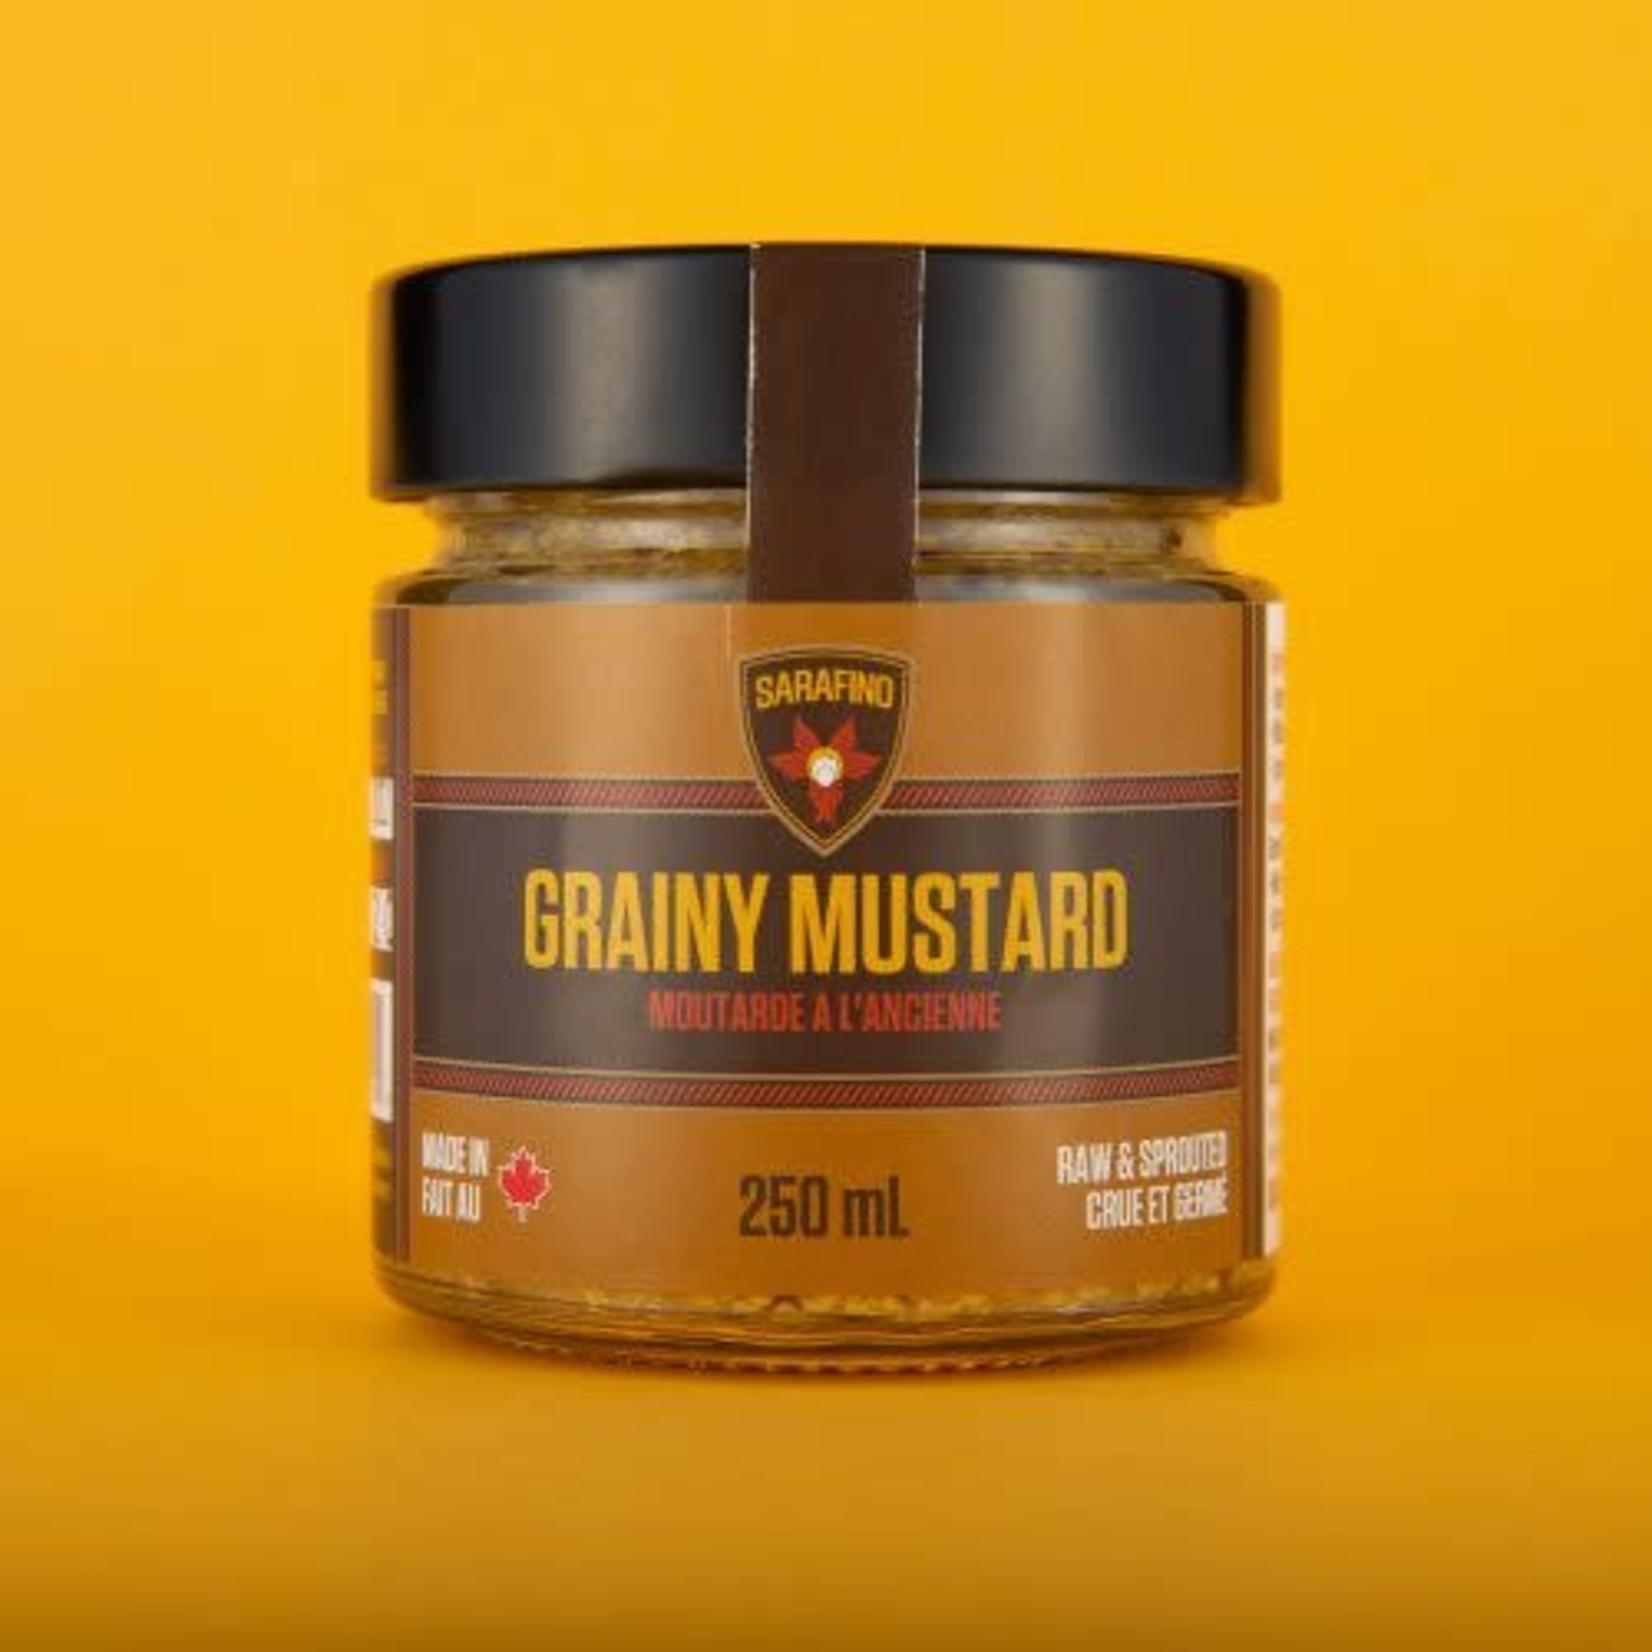 Sarafino Inc. Grainy Mustard